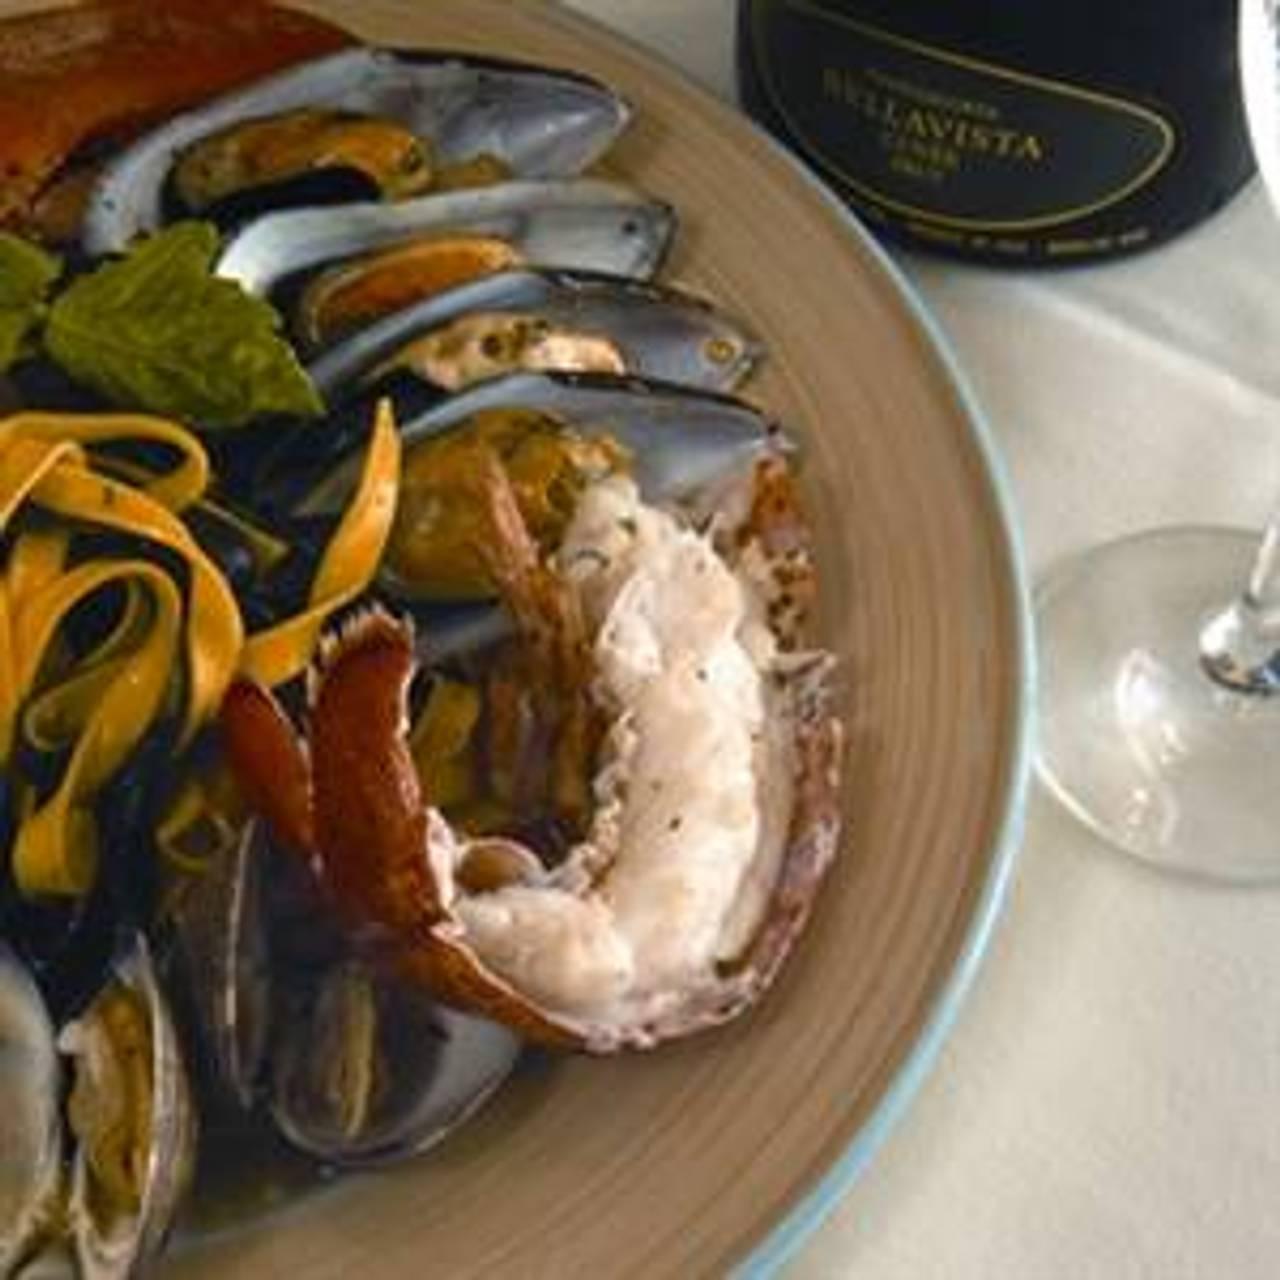 Ristorante Farfalla Restaurant Estero Fl Opentable